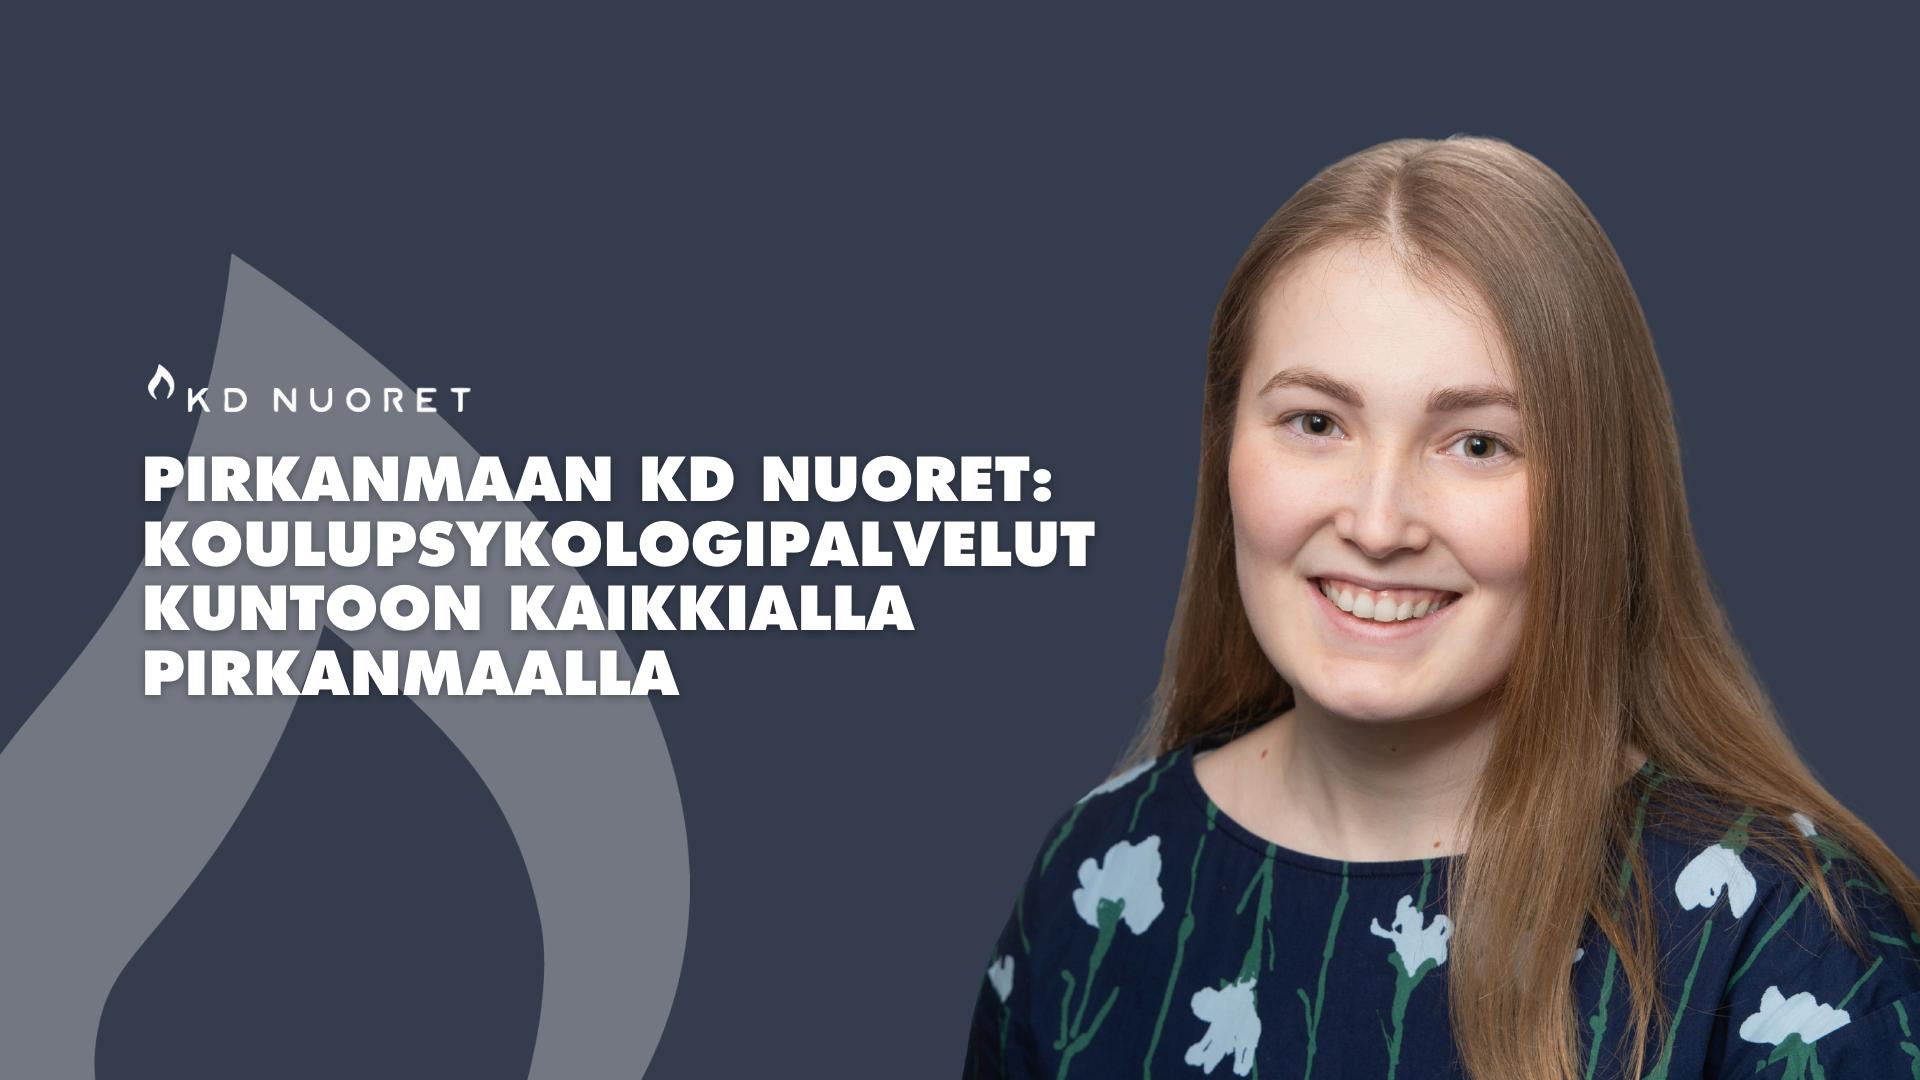 Pirkanmaan KD Nuoret: Koulupsykologipalvelut kuntoon kaikkialla Pirkanmaalla